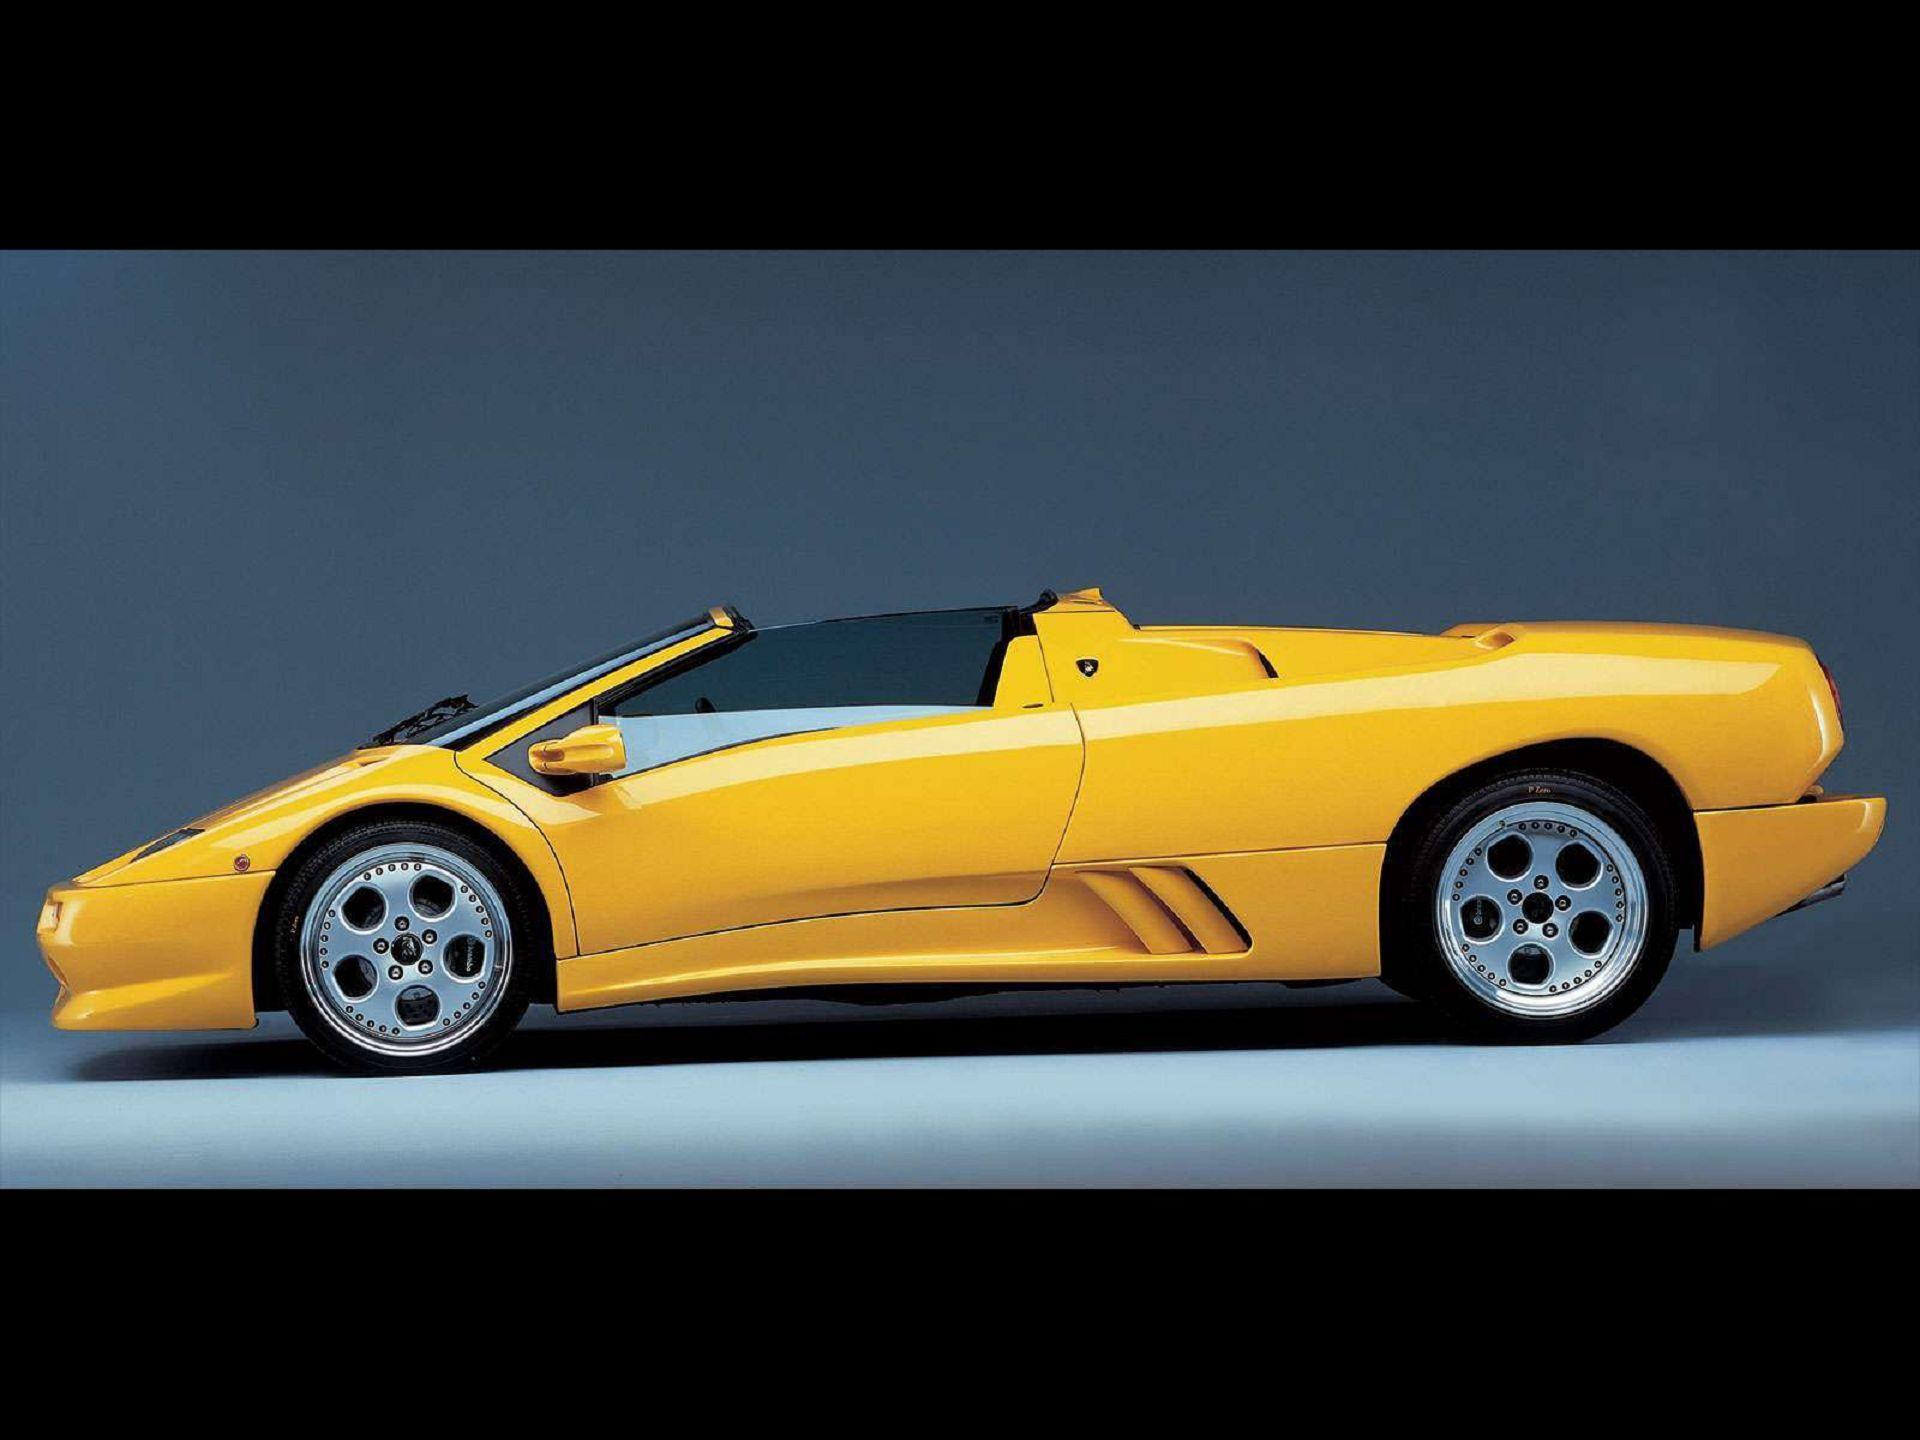 Lamborghini Diablo Roadster Yellow Wallpaper